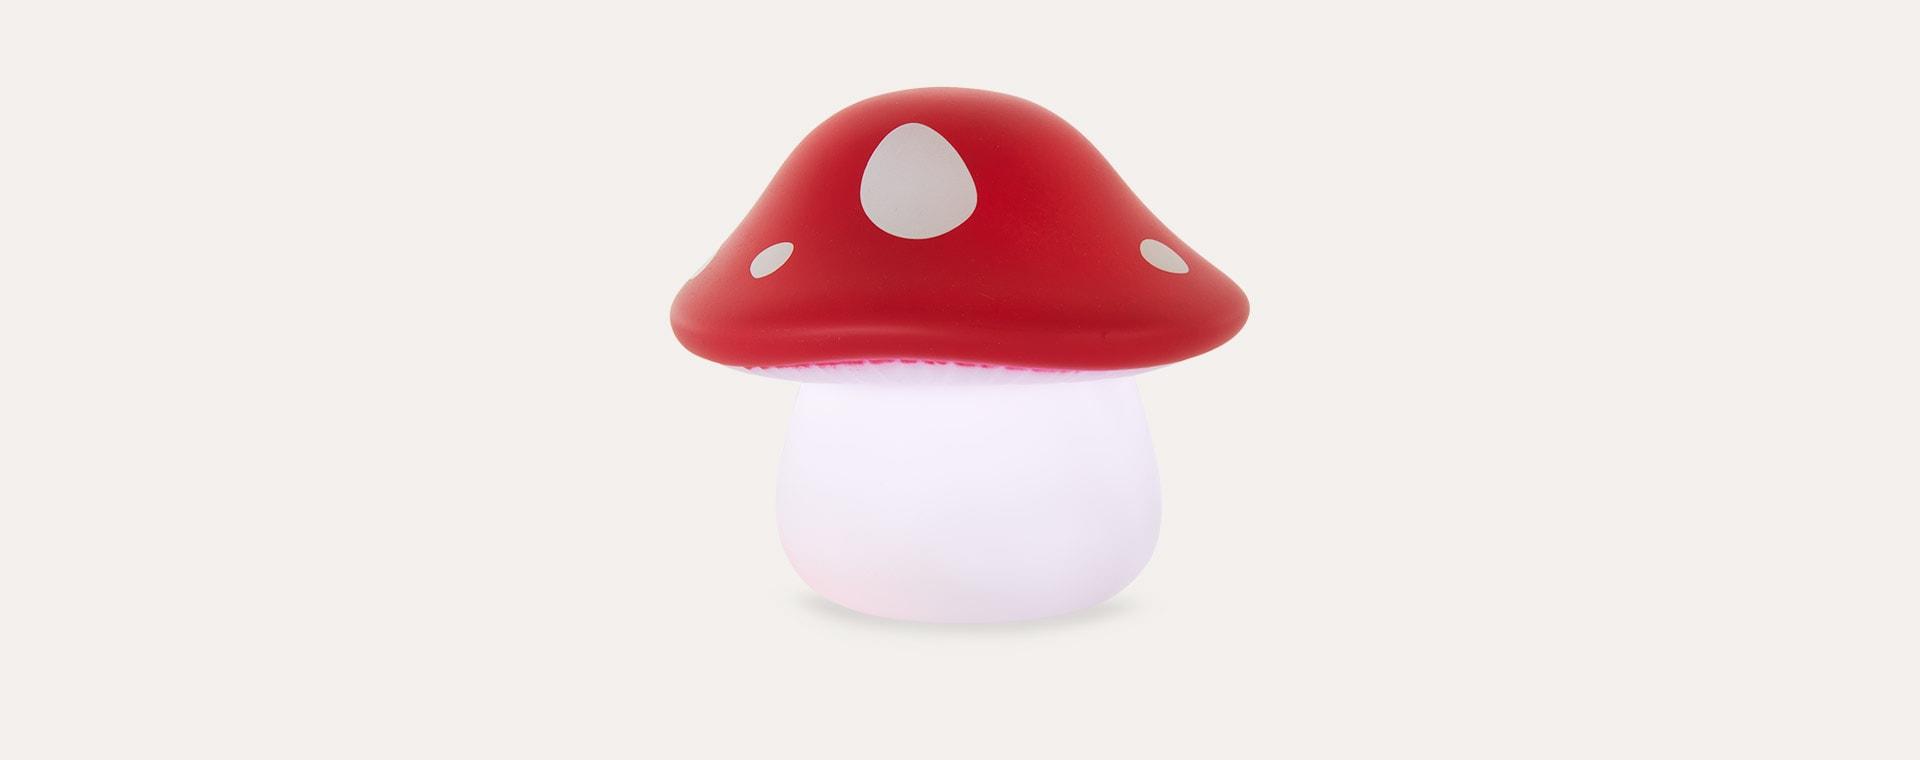 Red A Little Lovely Company Mushroom Little Light